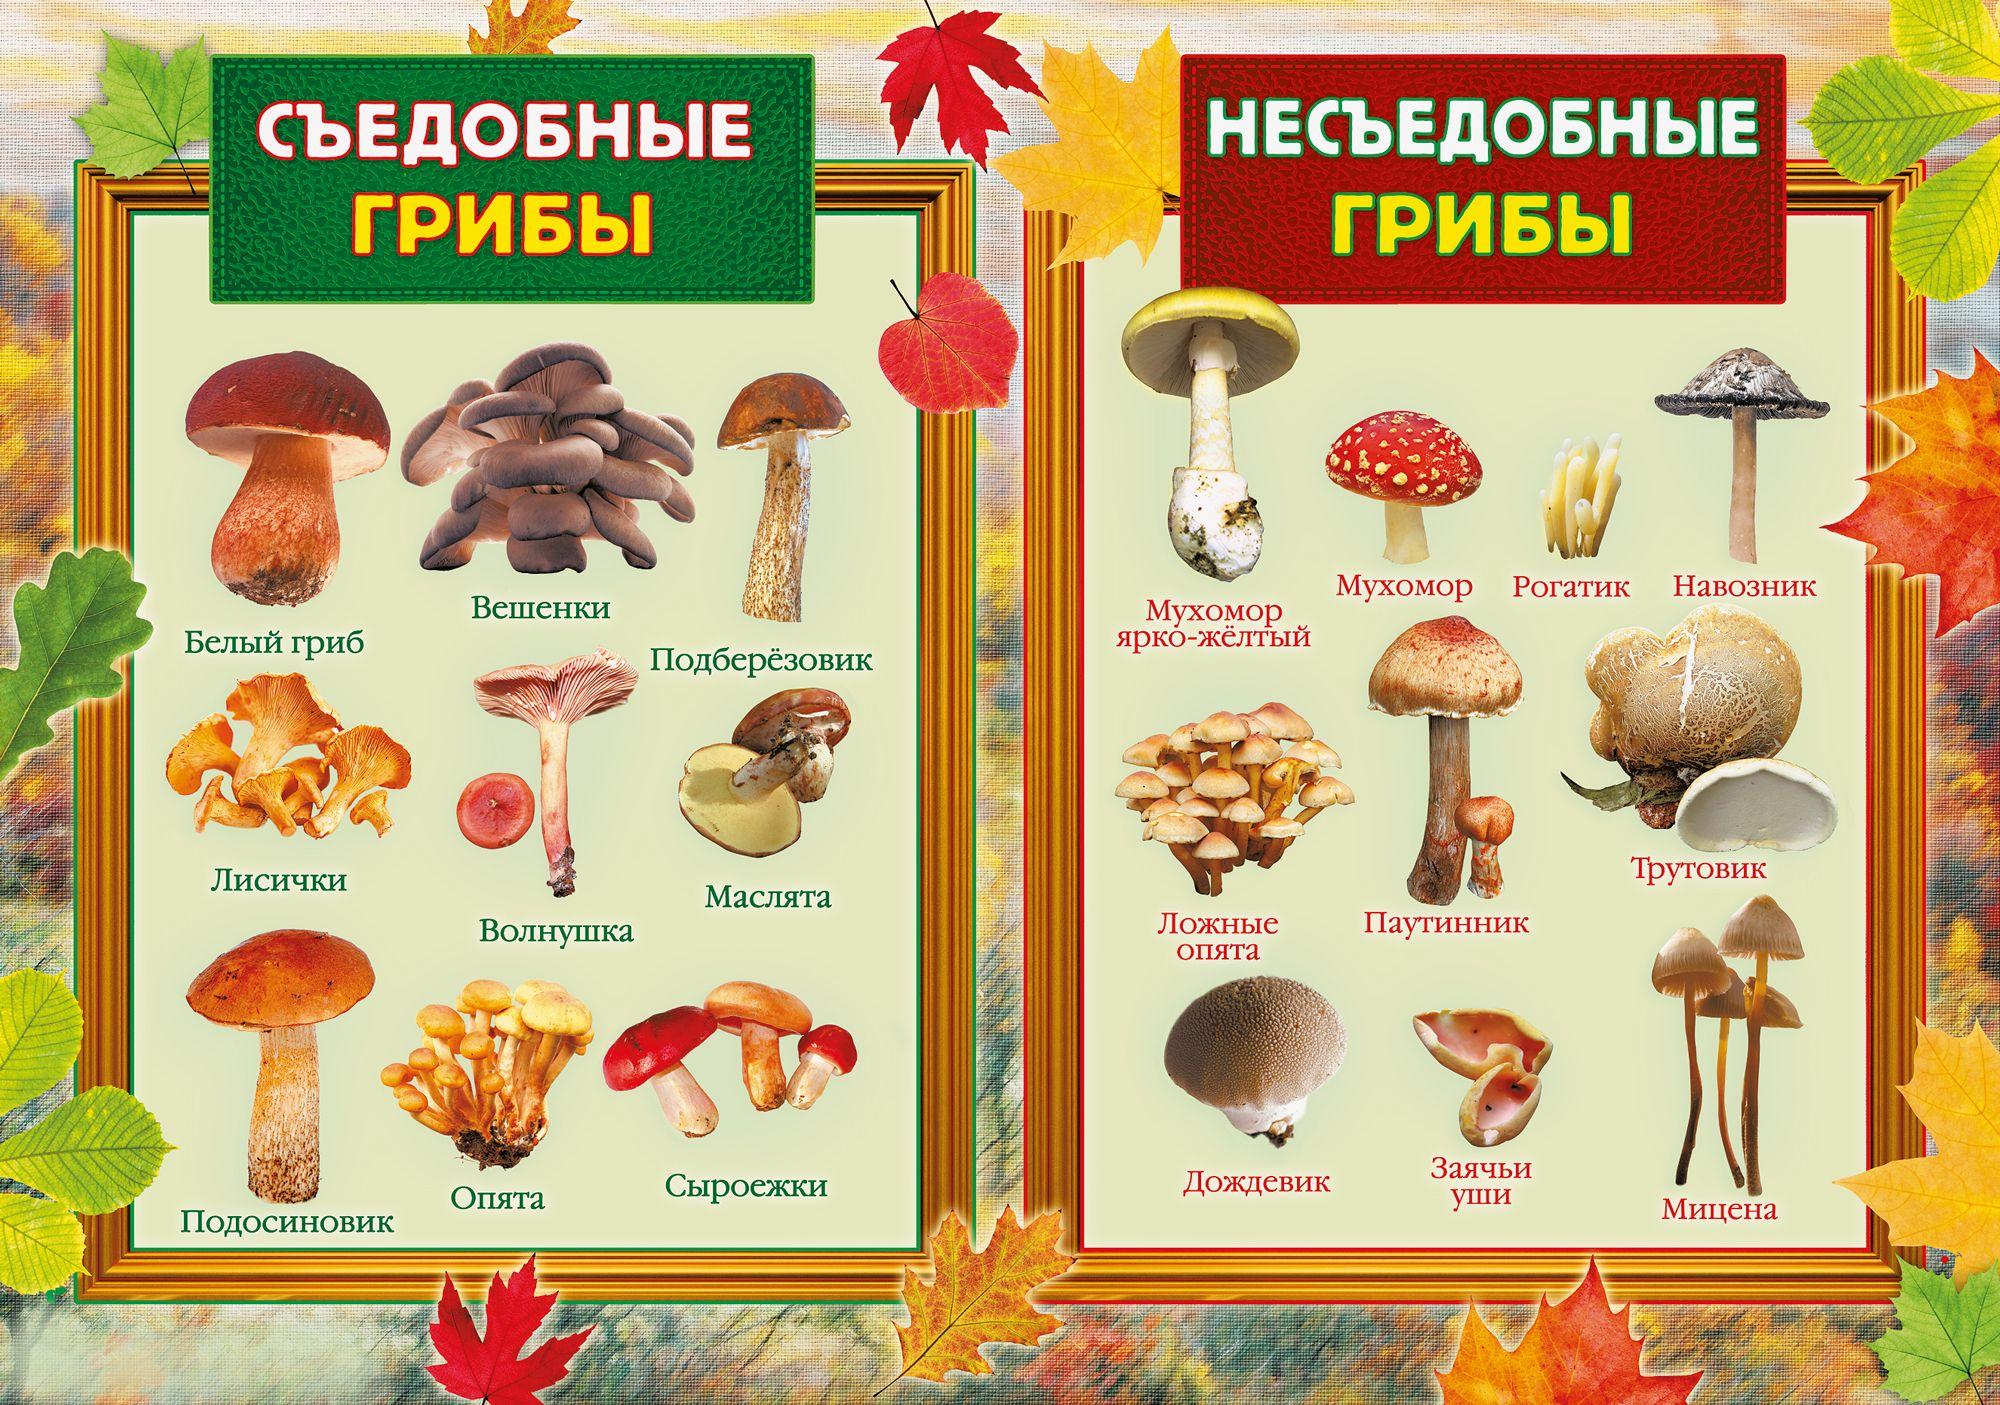 съедобные грибы подмосковья фото и название и описание: 16 ...